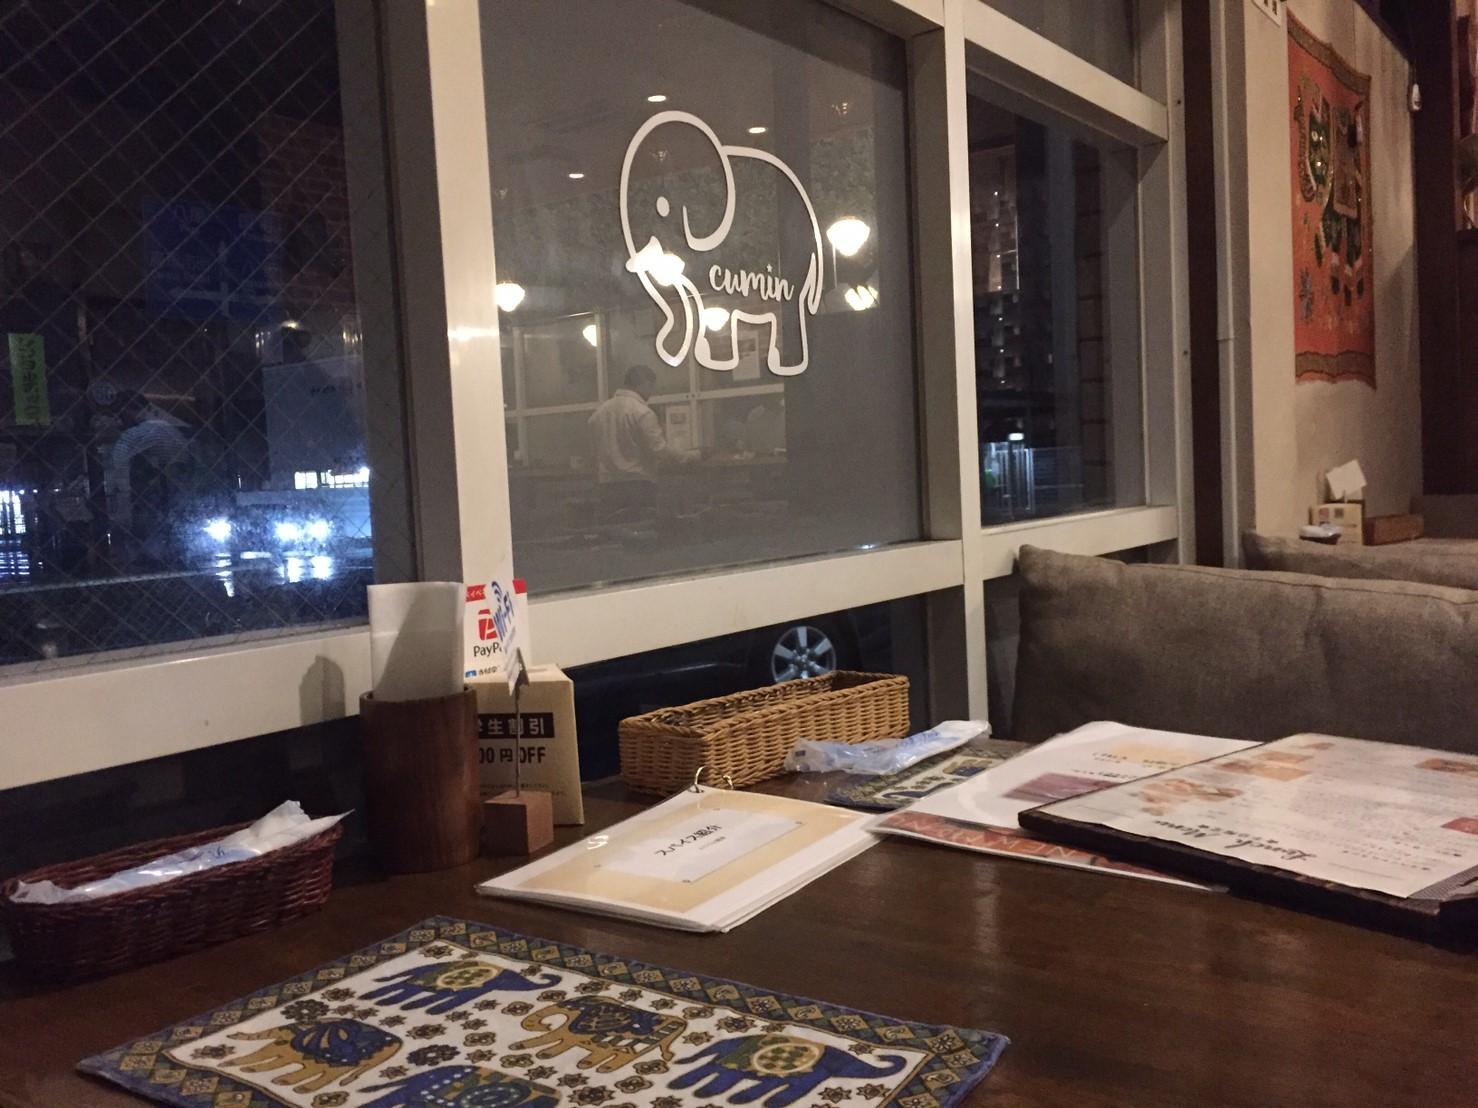 石窯ダイニング cumin  dinner_e0115904_10243619.jpg